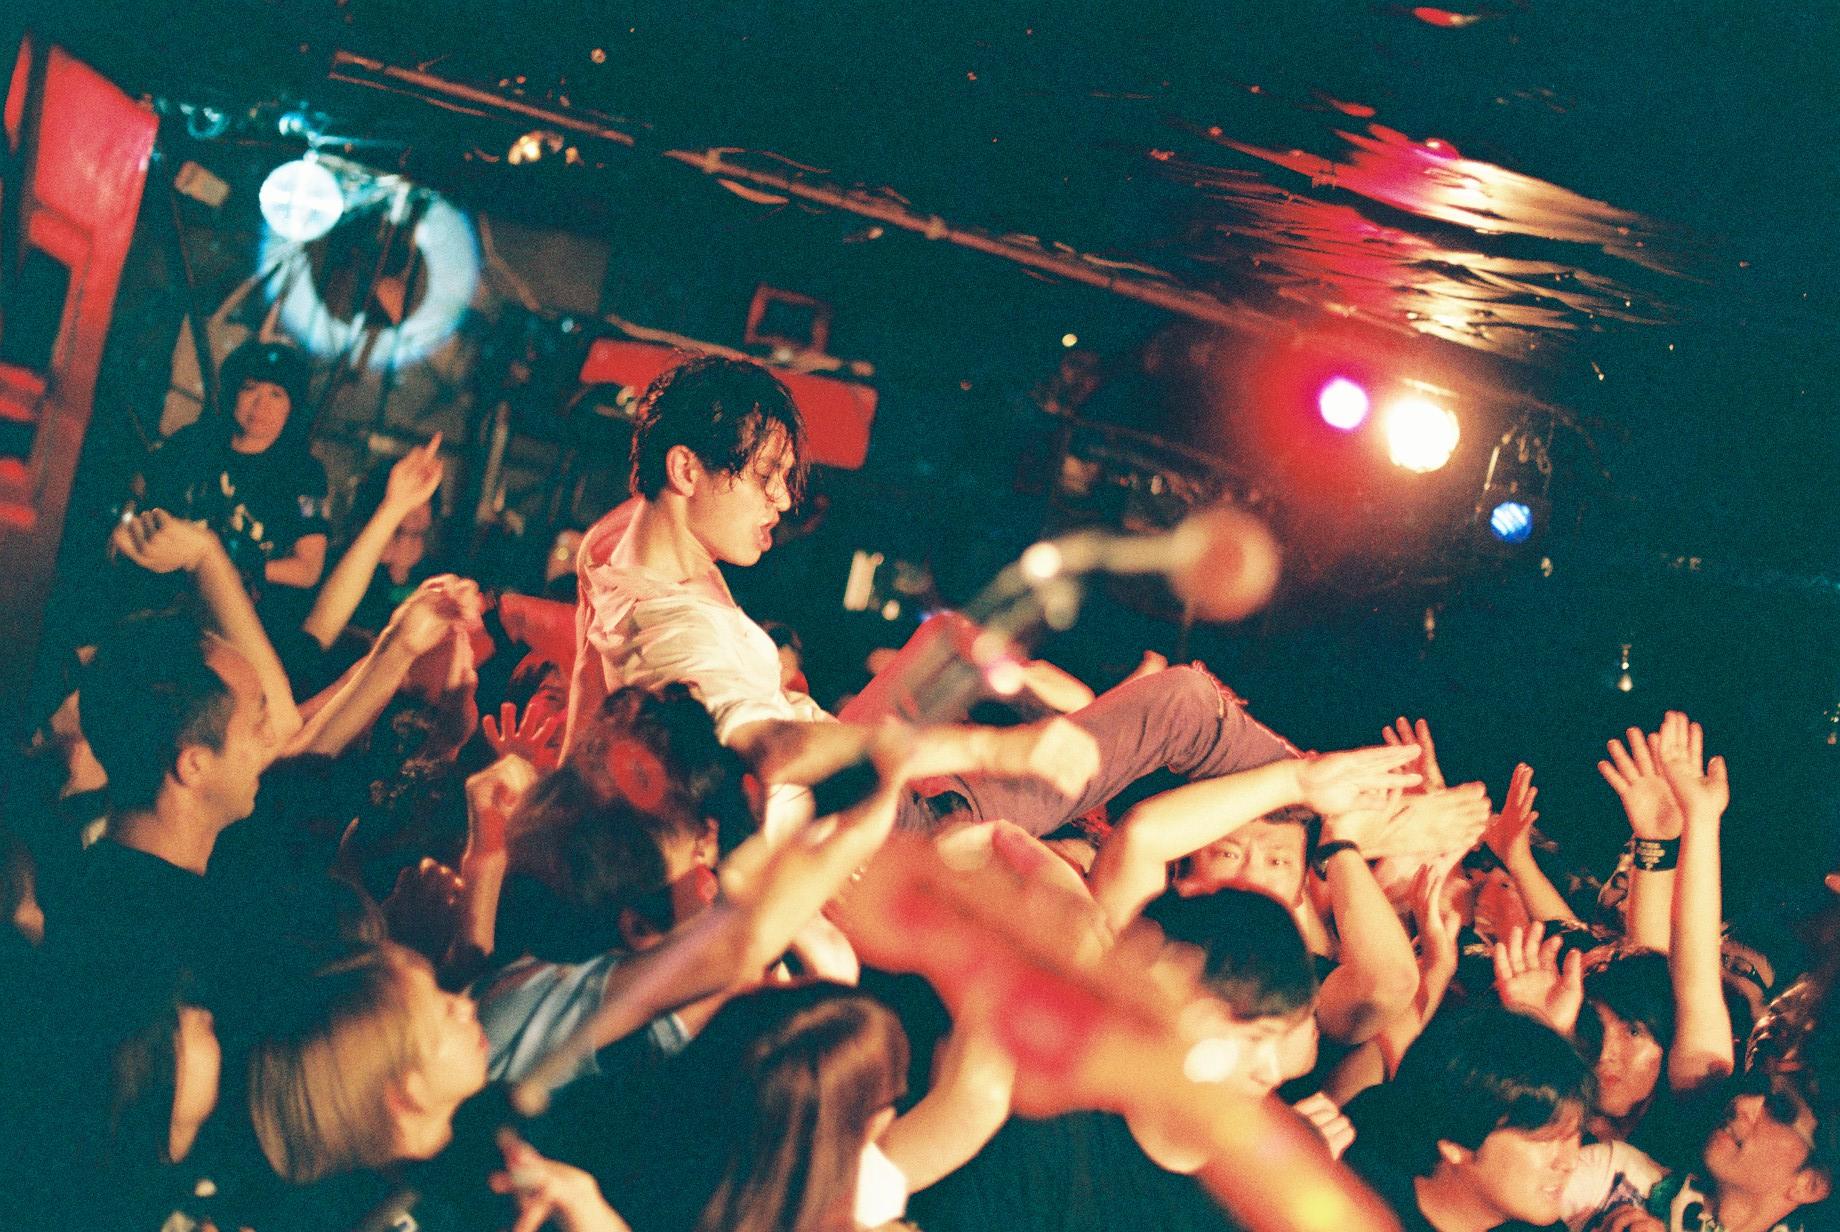 フジロッ久 (仮) / fujirockyu - Aug.21 2013